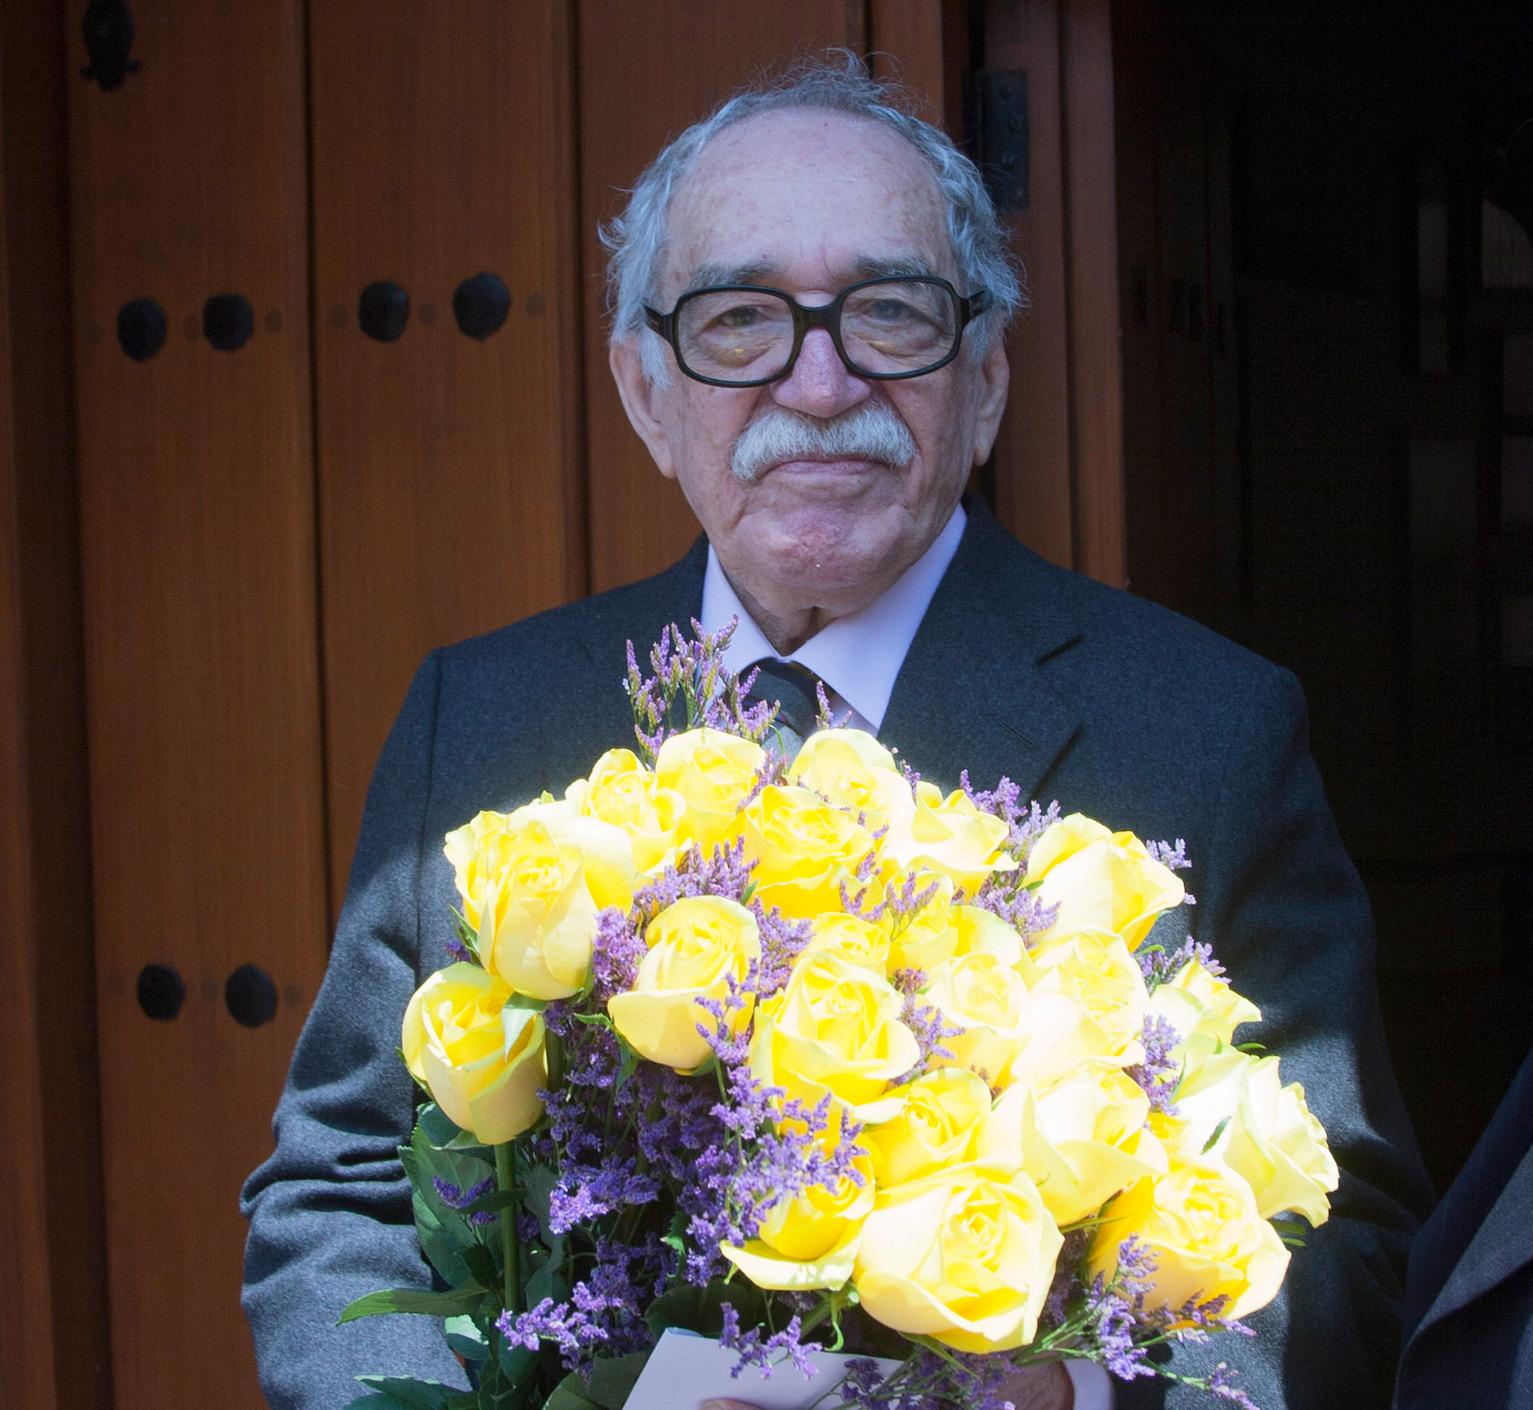 Garcia Marquez Joven Gabriel Garcia Marquez en su